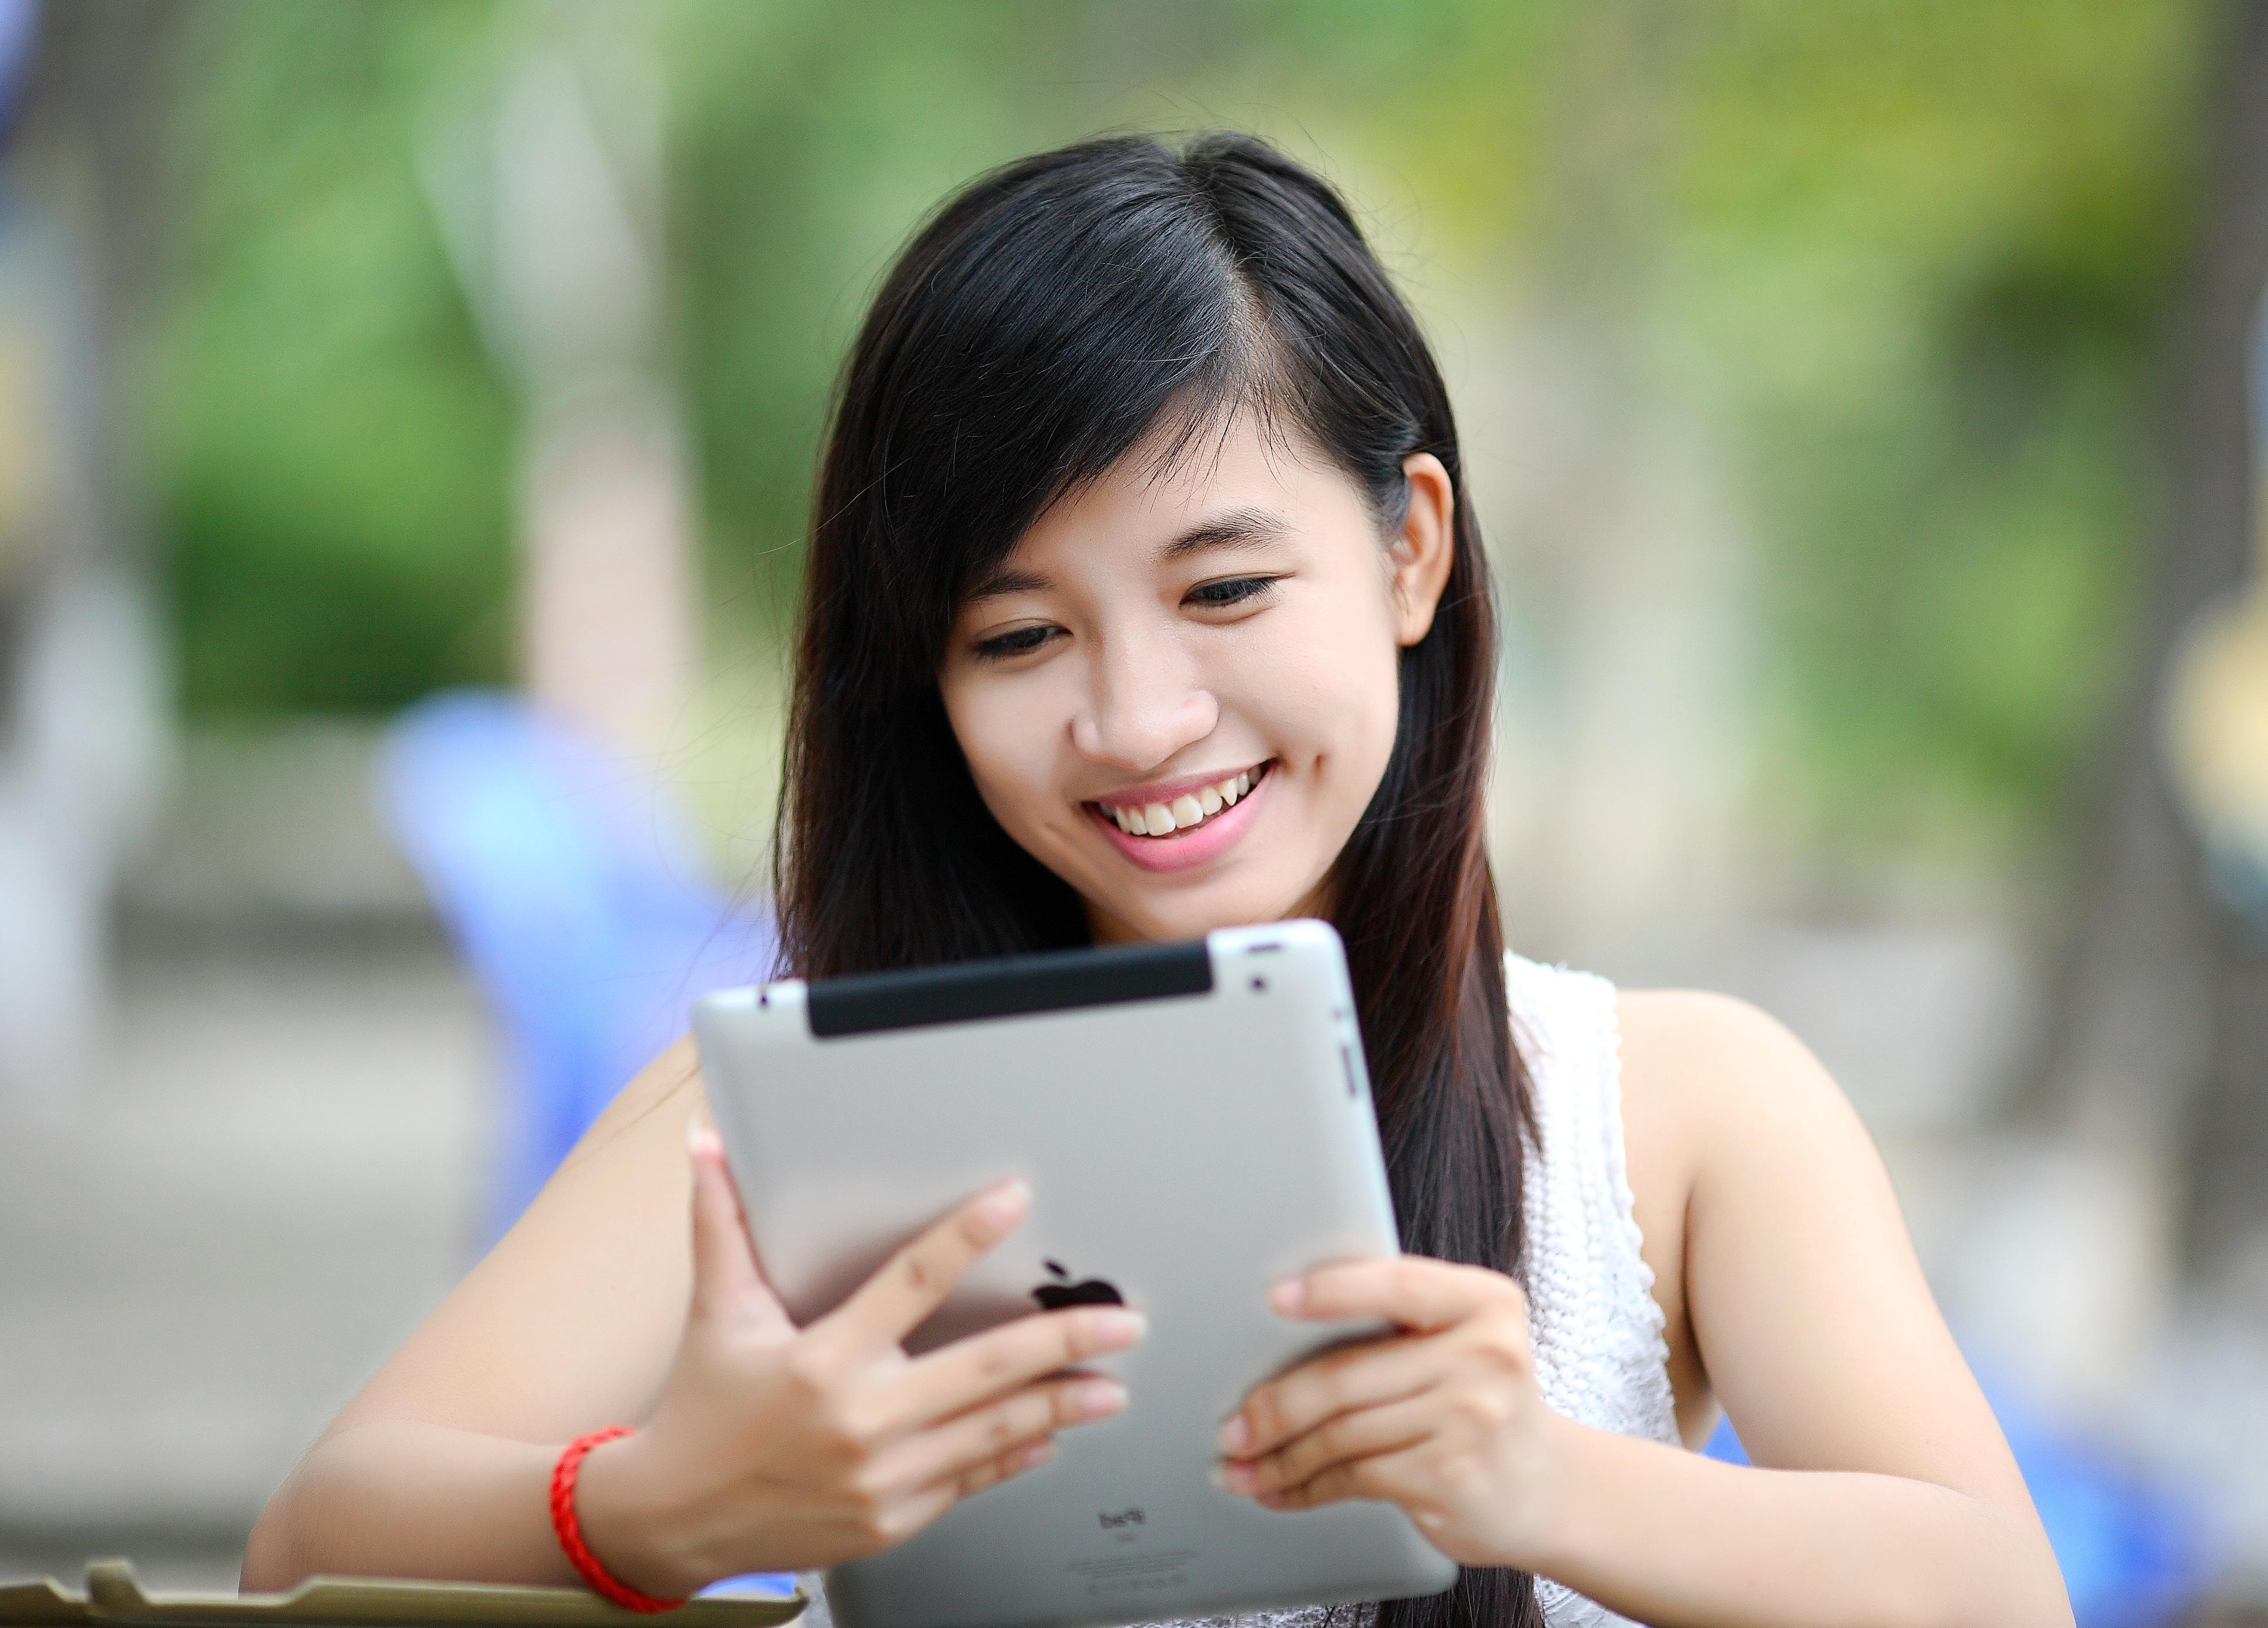 Besplatnih slika djevojka s koledža